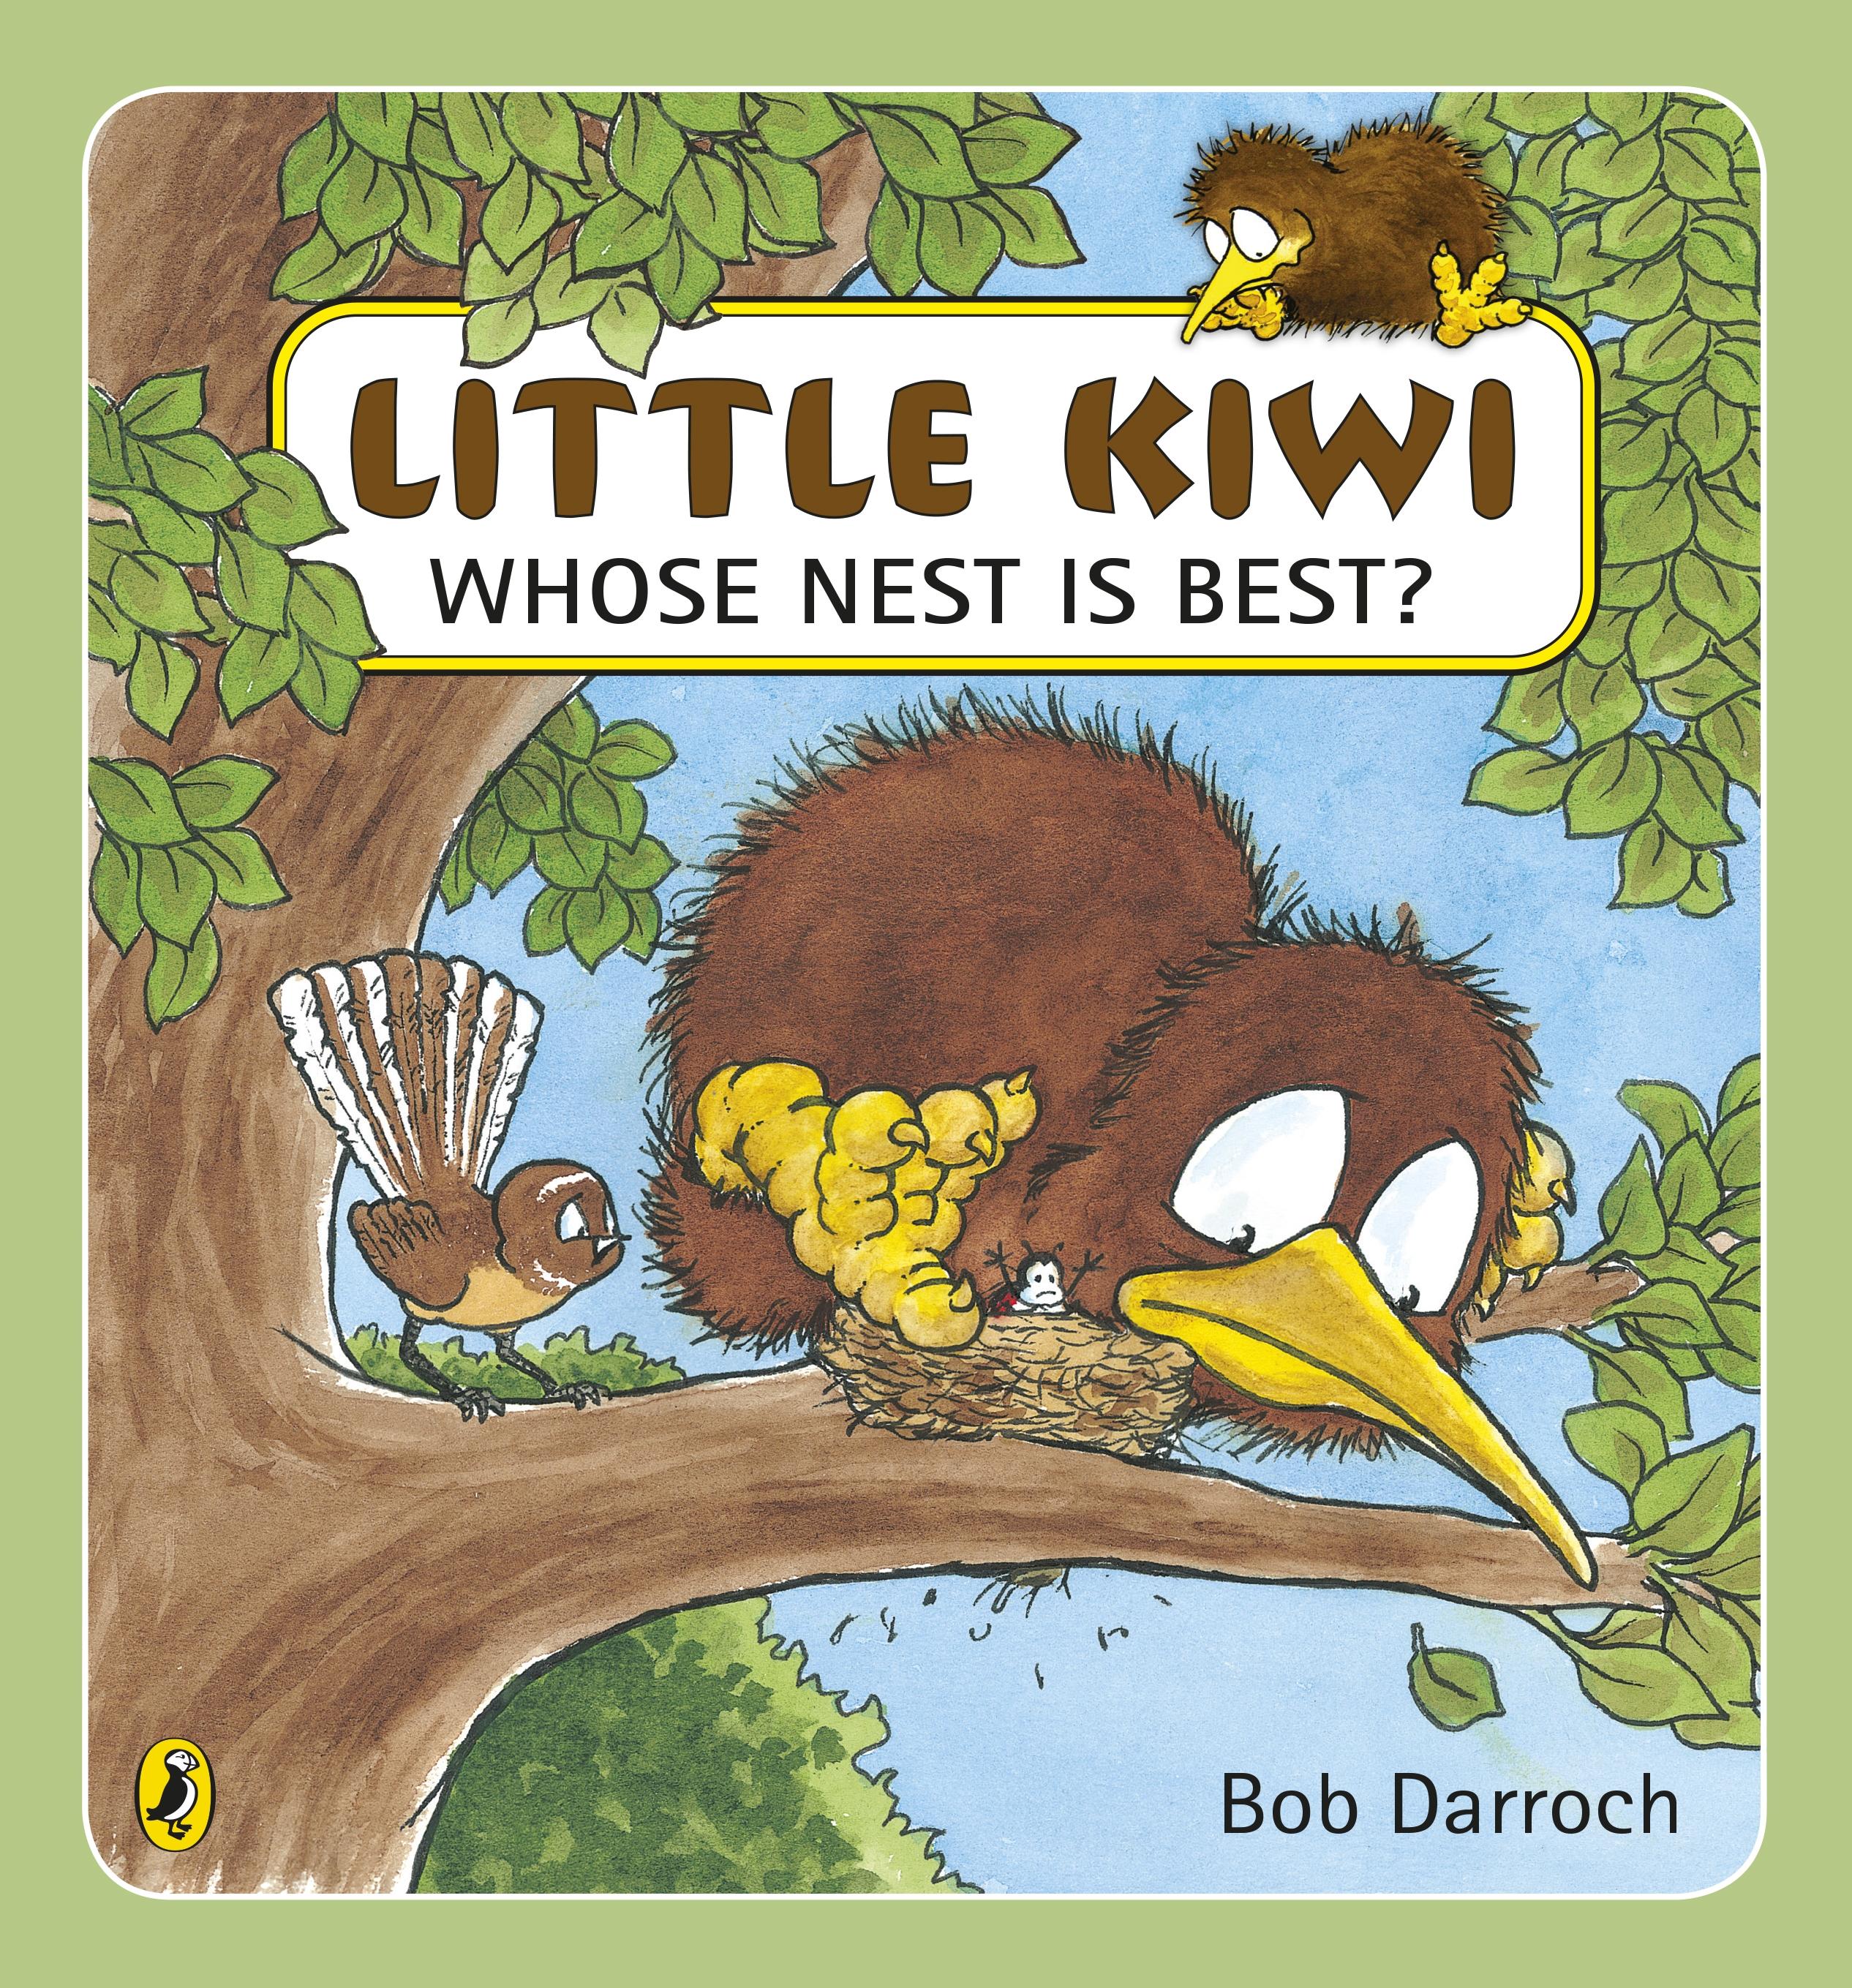 Book Covering Nz : Little kiwi whose nest is best by bob darroch penguin